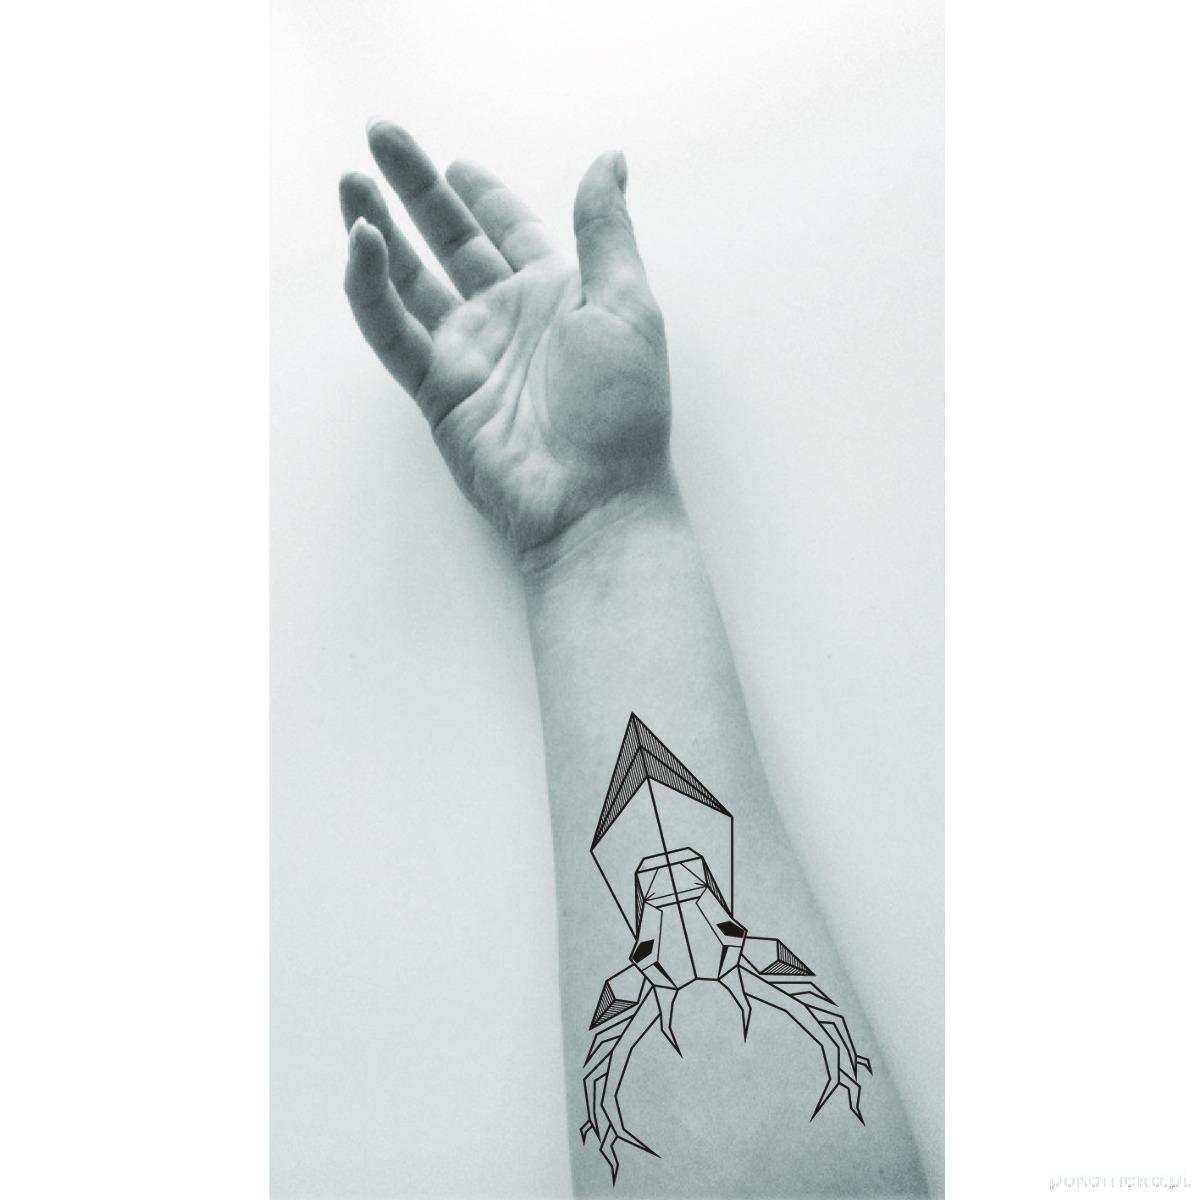 Tatuaż Zmywlany Jeleń Tatuaże Pakamerapl